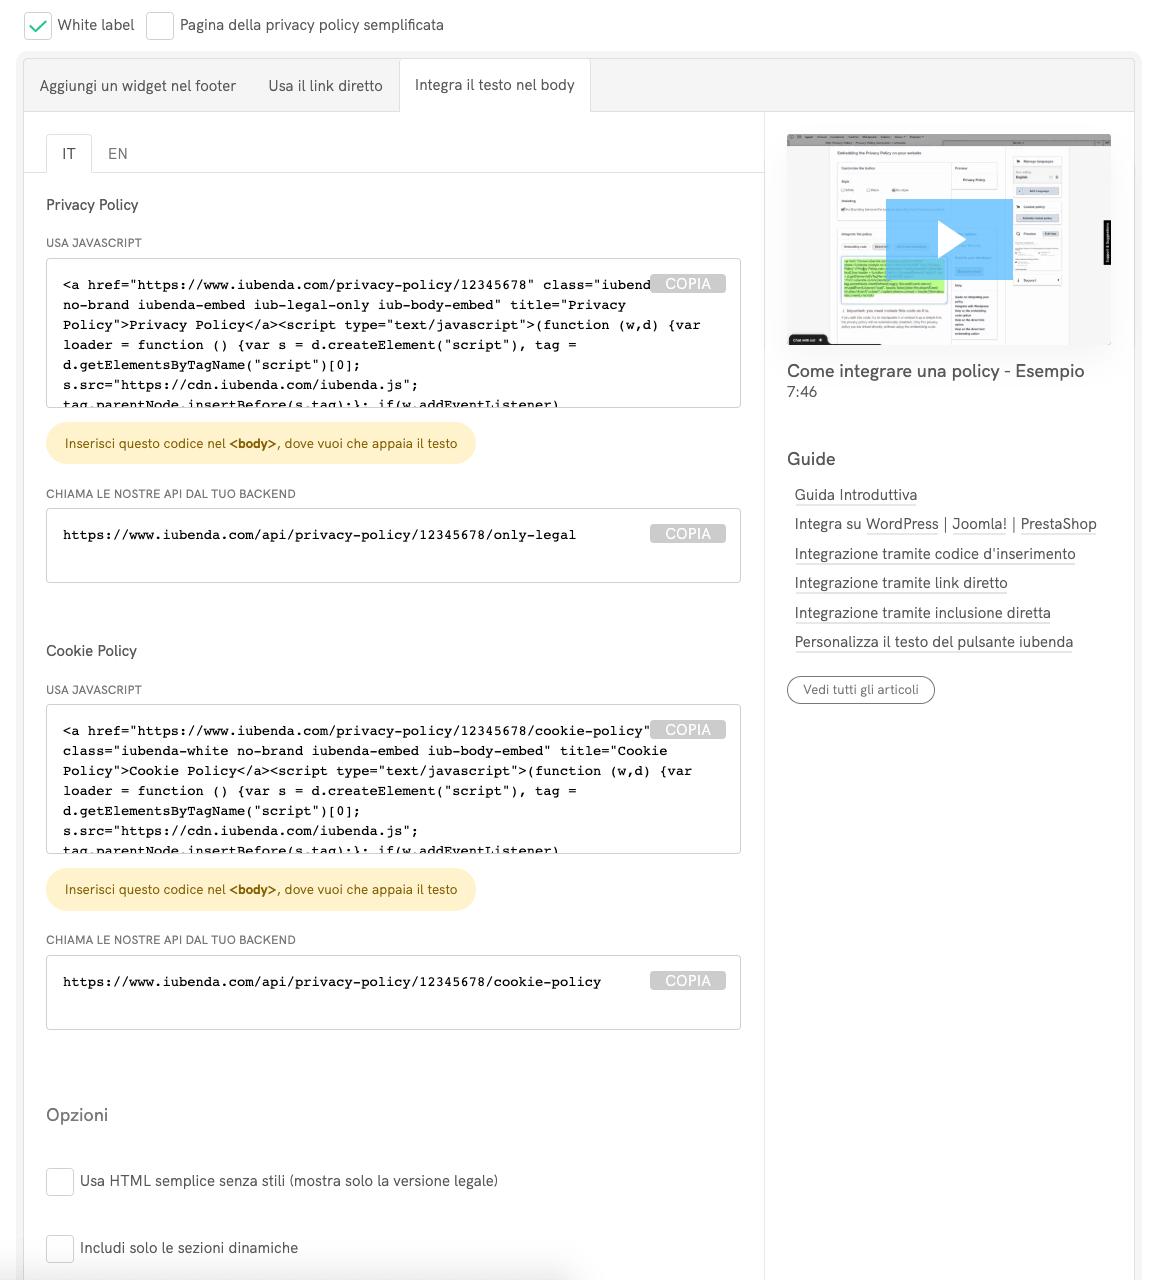 Inclusione diretta del testo della privacy policy